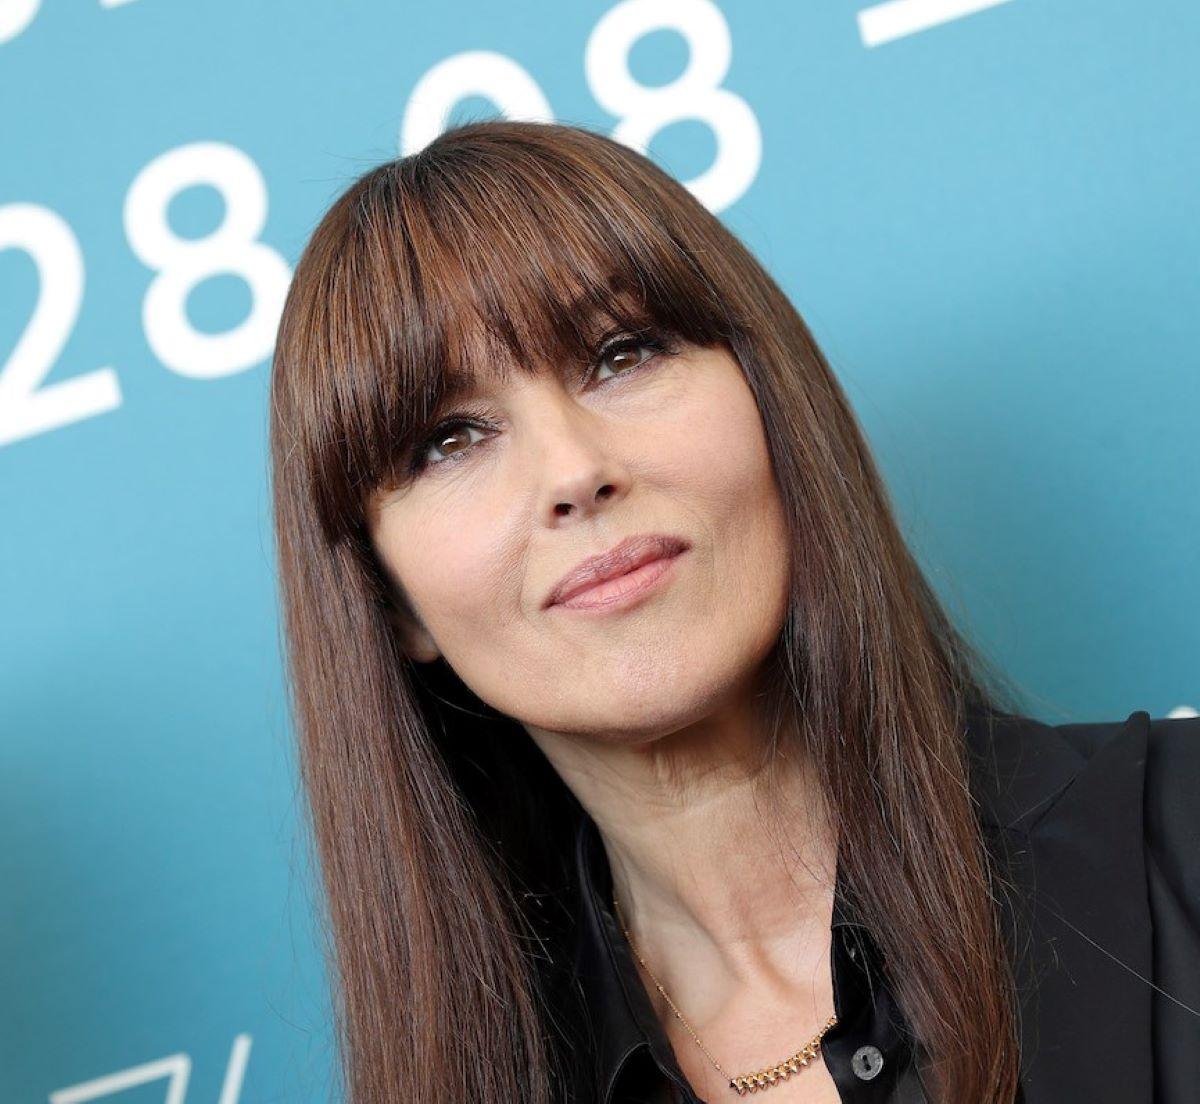 Monica Bellucci Figlia Deva Cassel Rivista Vogue Italia Copertina